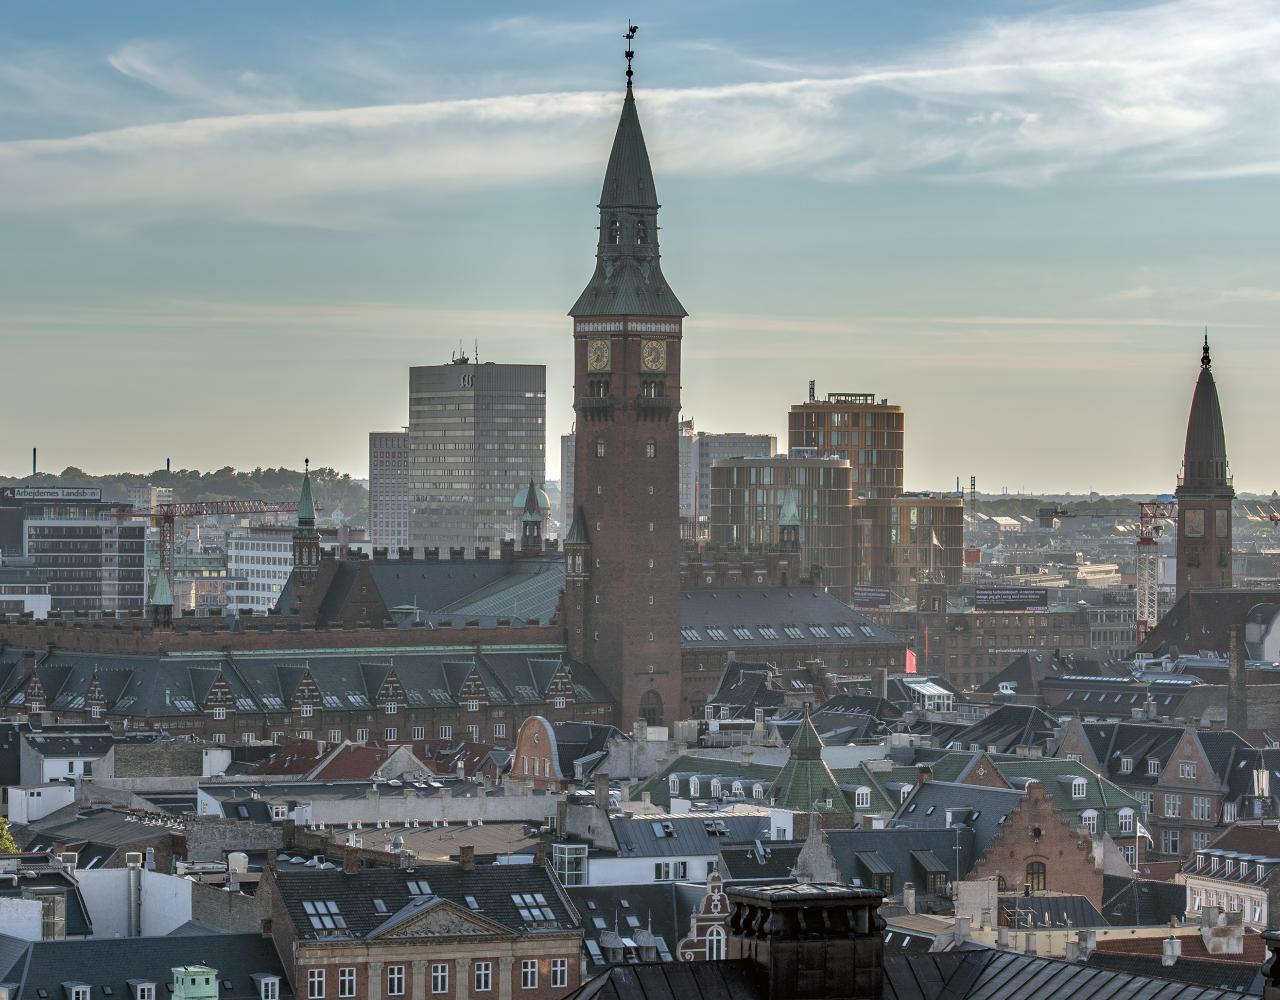 københavns rådhus skyline